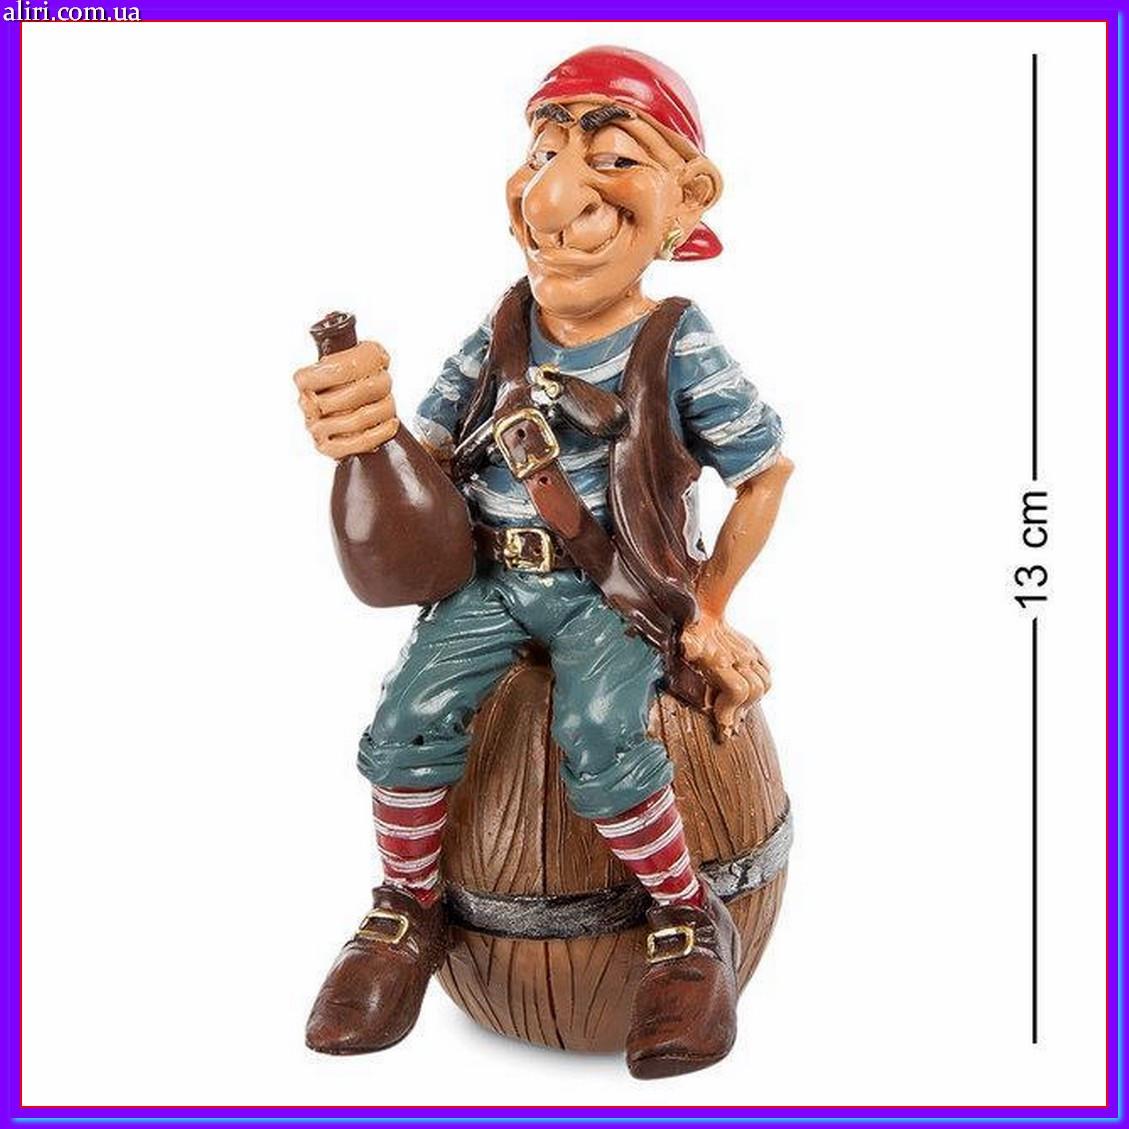 Фигурка статуэтка Пират Взрывной Бен W.Stratford 13см